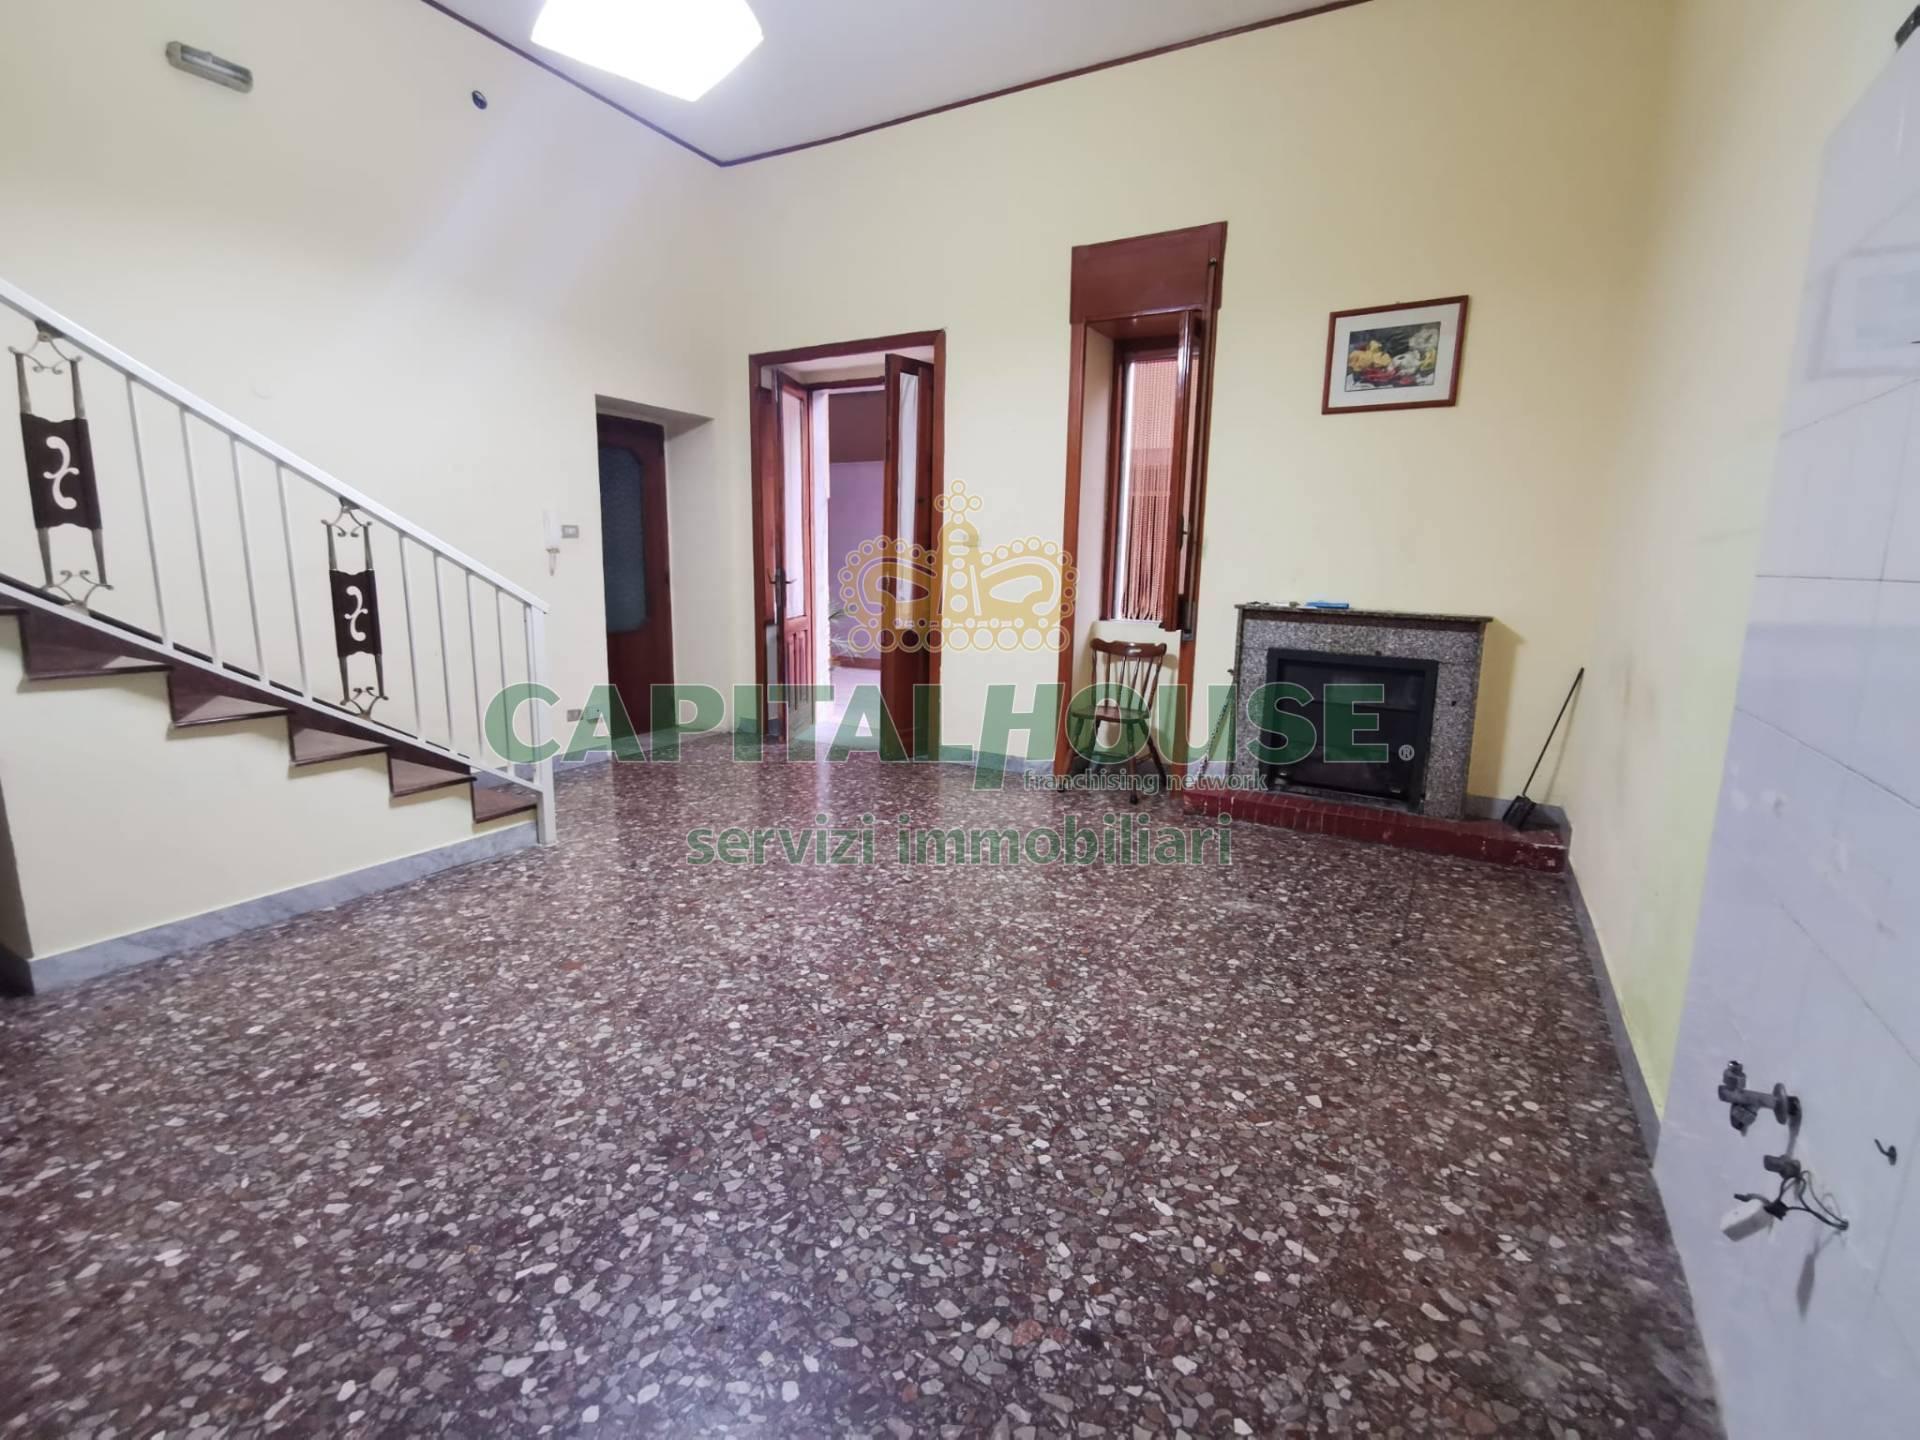 Soluzione Semindipendente in affitto a Cicciano, 4 locali, prezzo € 350 | CambioCasa.it